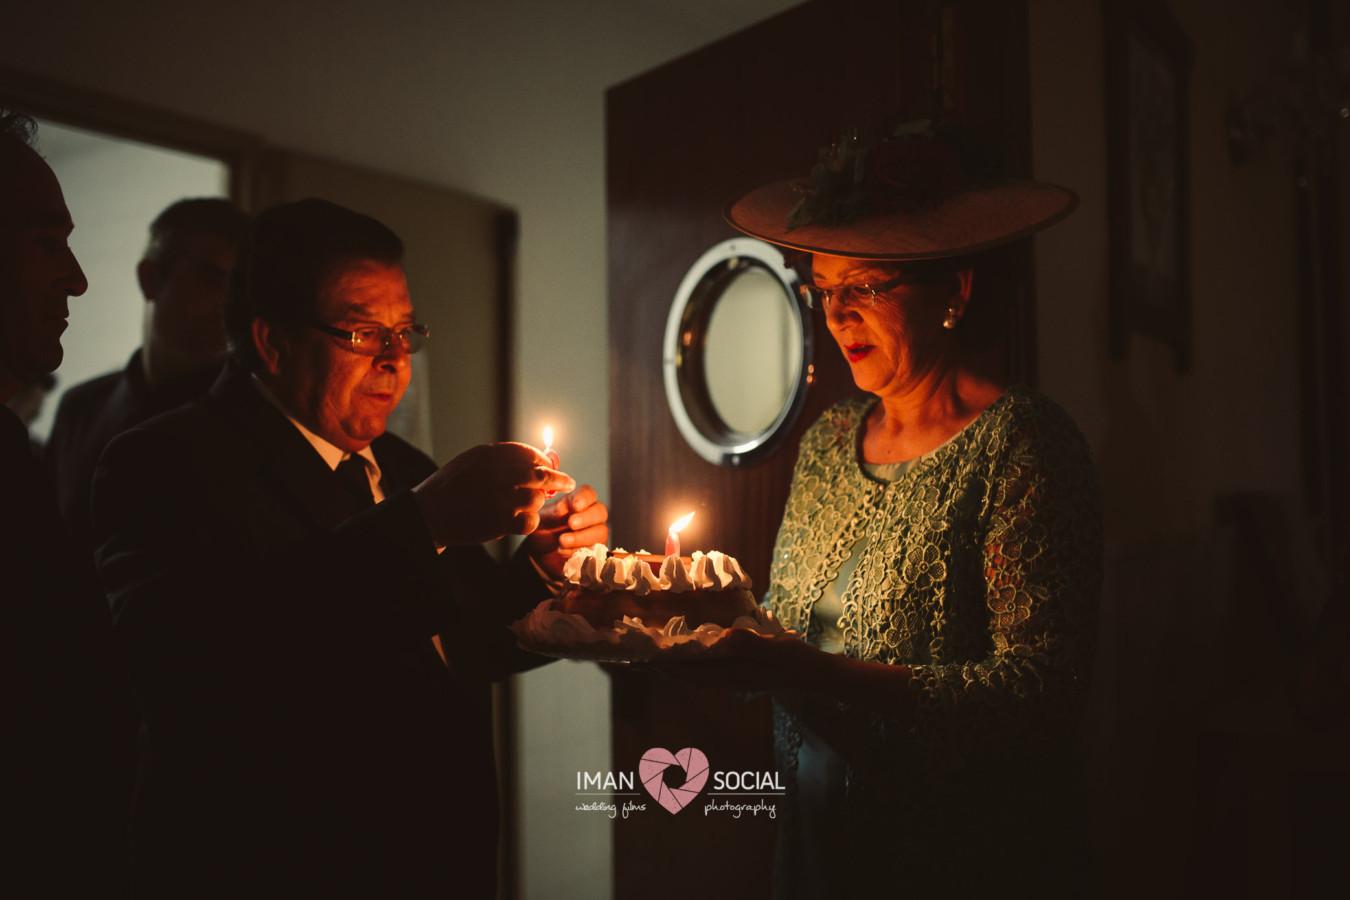 fotografo-de-boda-en-cordoba-sevilla-posadas-boda-auxi-y-antonio-36 Auxi & Antonio, primera boda de la temporada - video boda cordoba